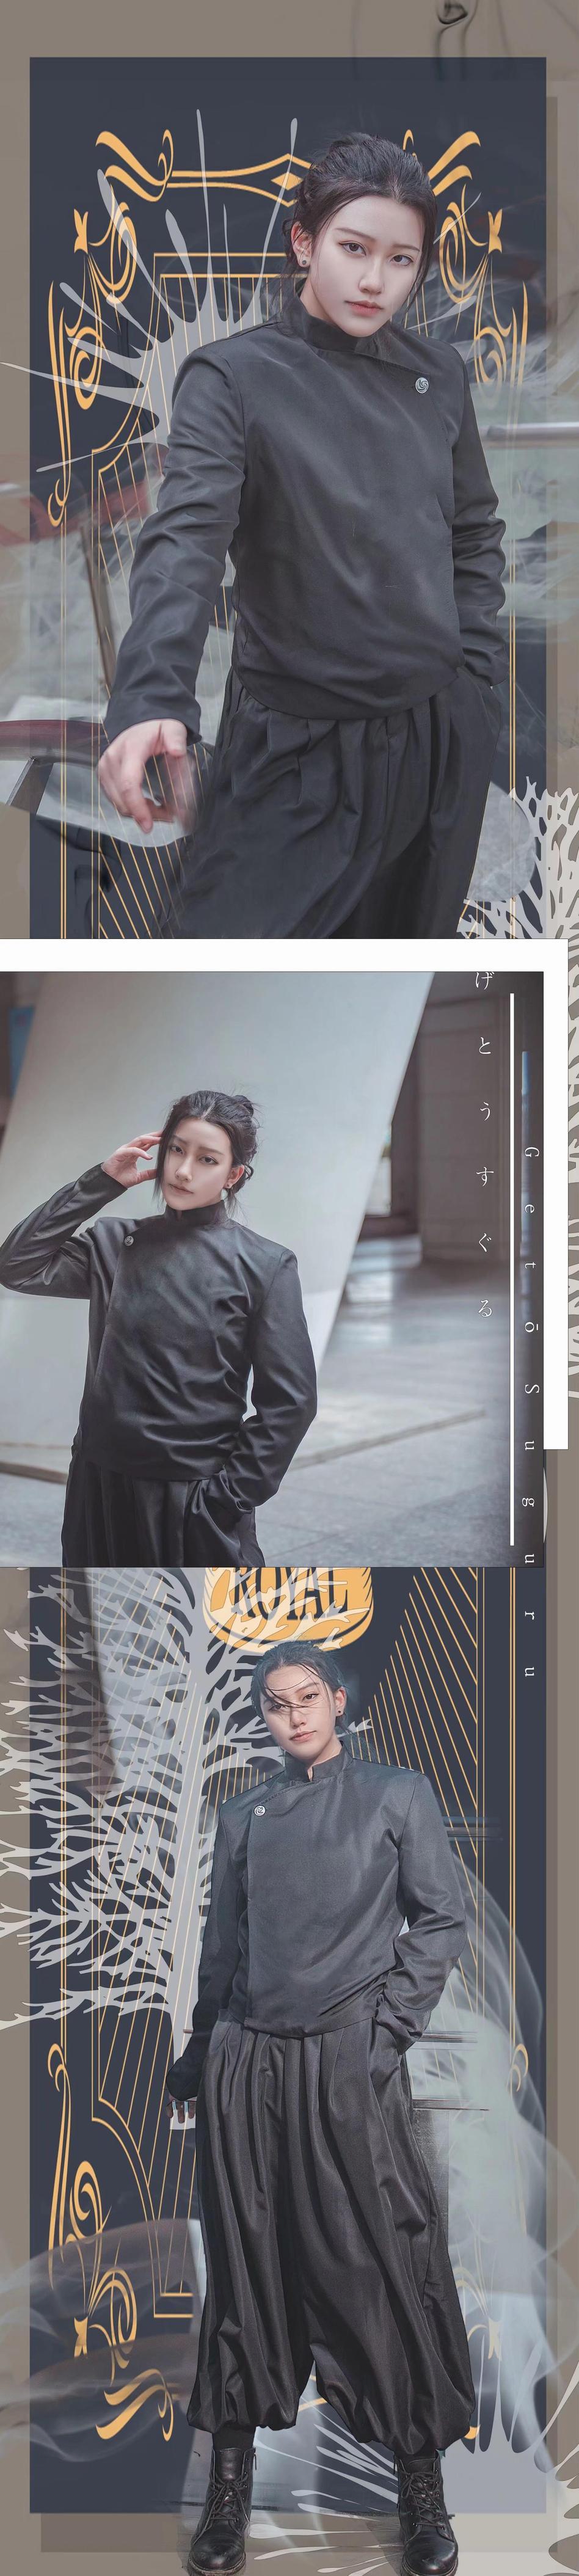 《咒术回战》正片cosplay【CN:芝士zs77】-第8张